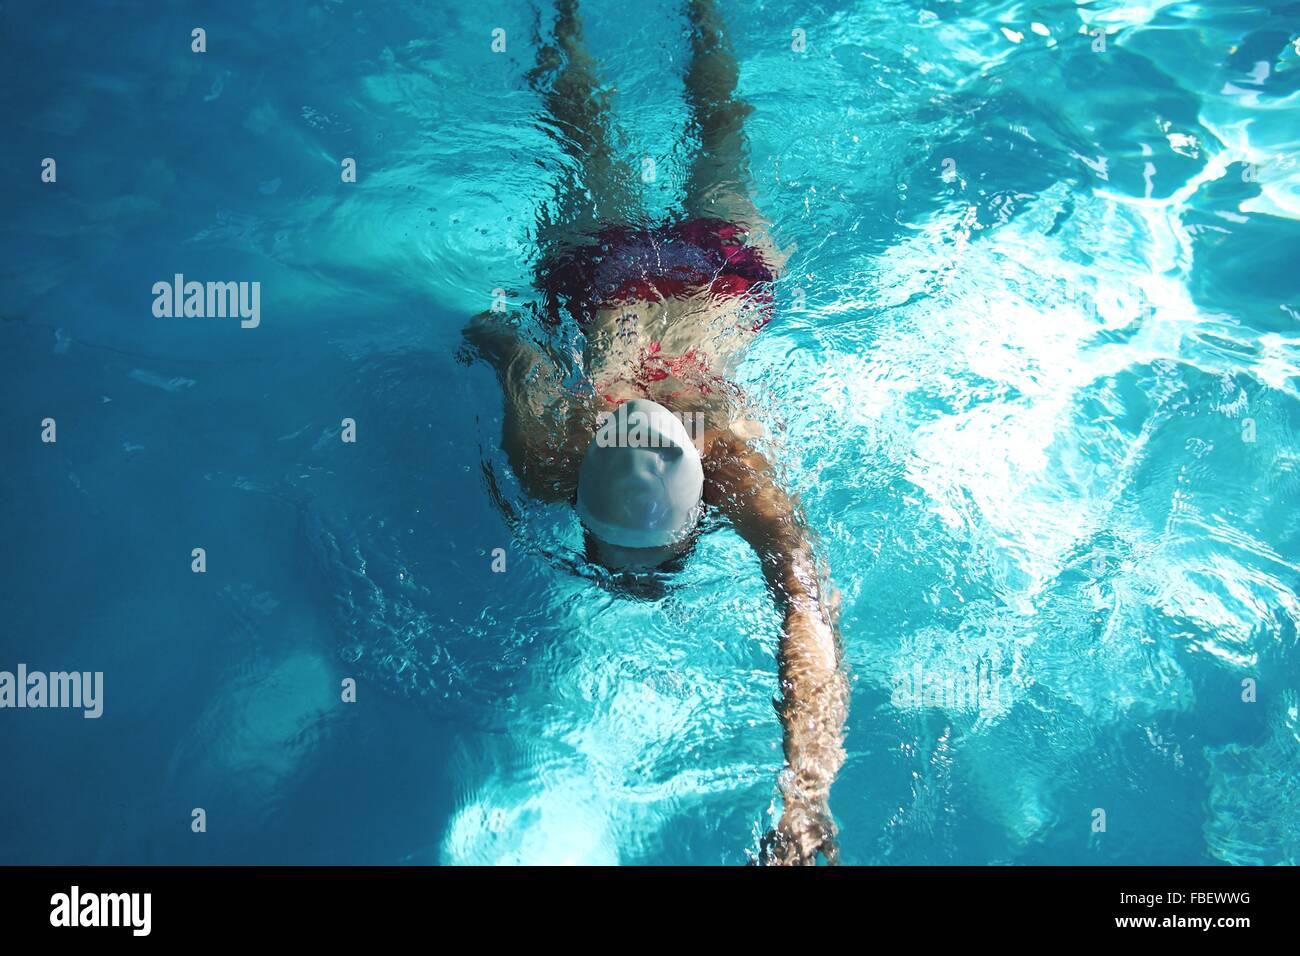 Elevato angolo di visione della donna in piscina Immagini Stock